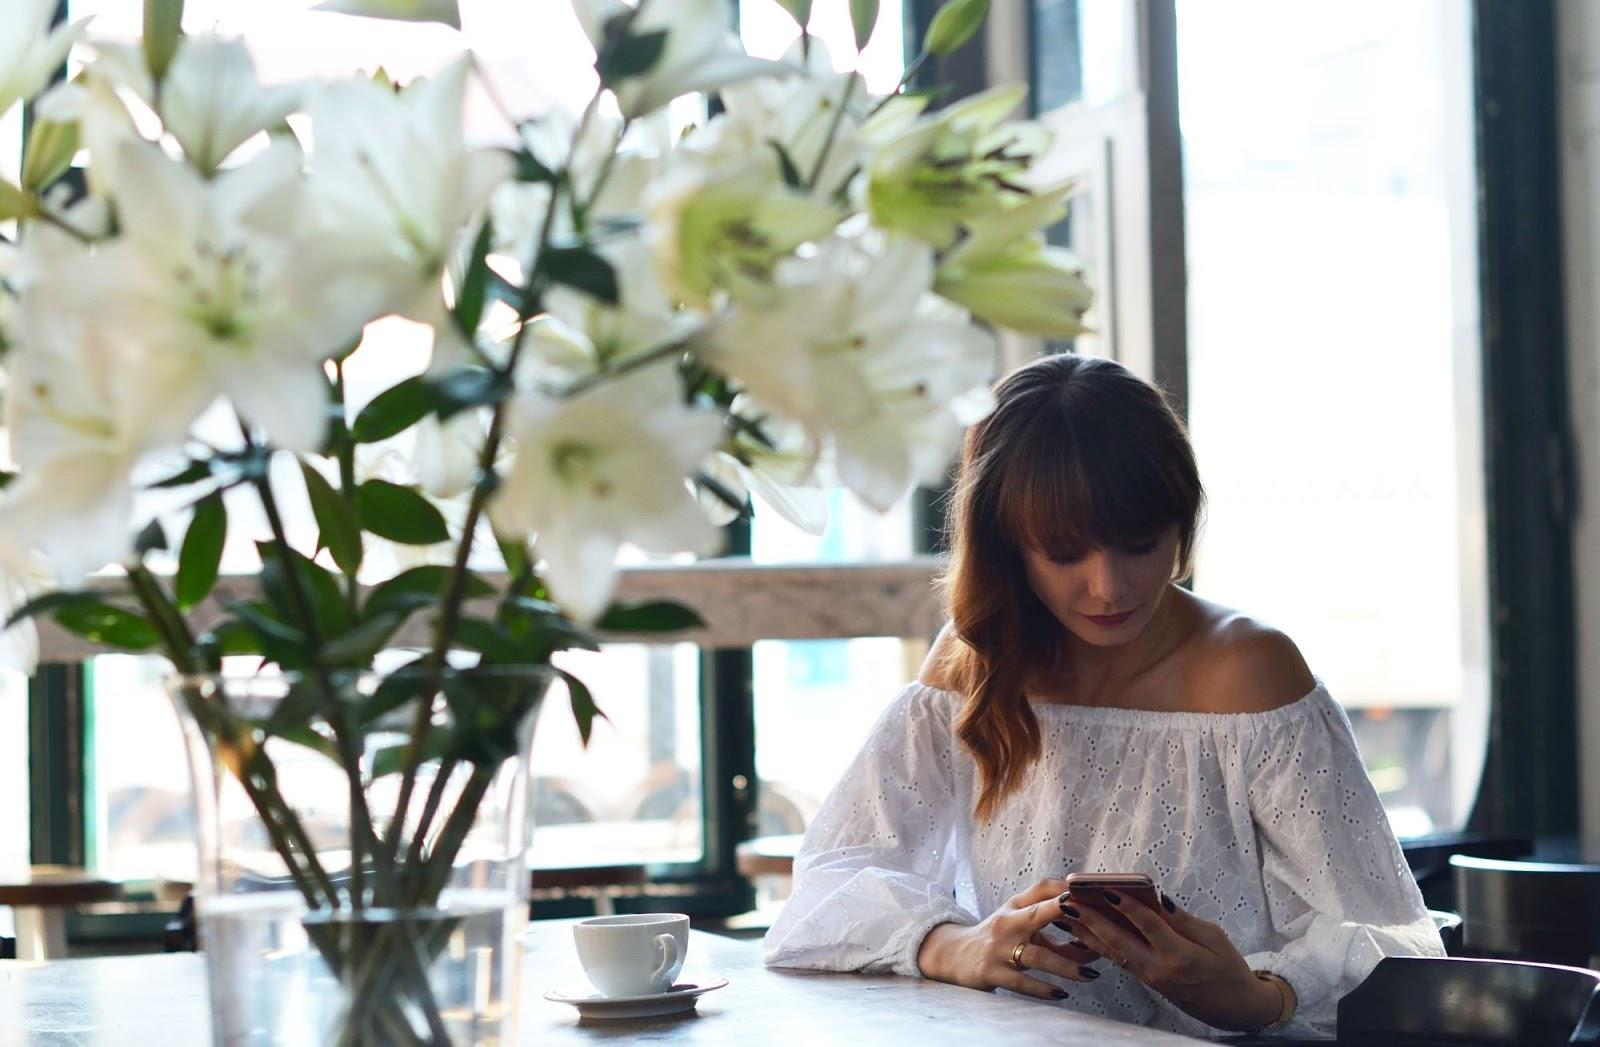 domodi | wyprzedaze | blog o modzie | blogerka modowa | blog modowy